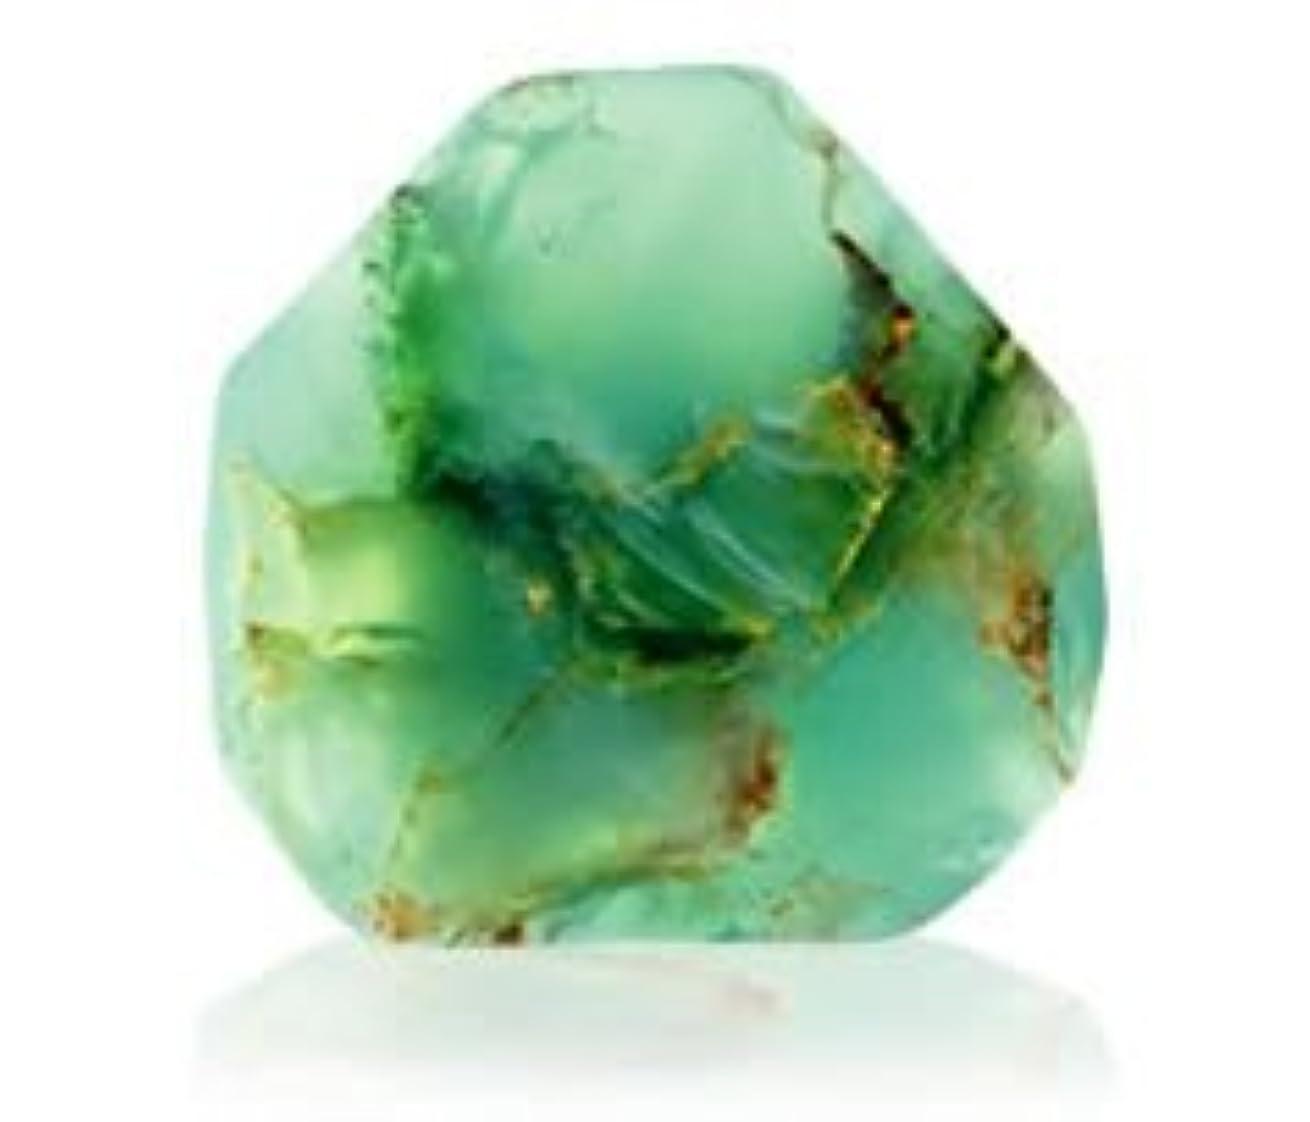 鎮痛剤鎮静剤技術Savons Gemme サボンジェム 世界で一番美しい宝石石鹸 フレグランスソープ ジェイド 170g